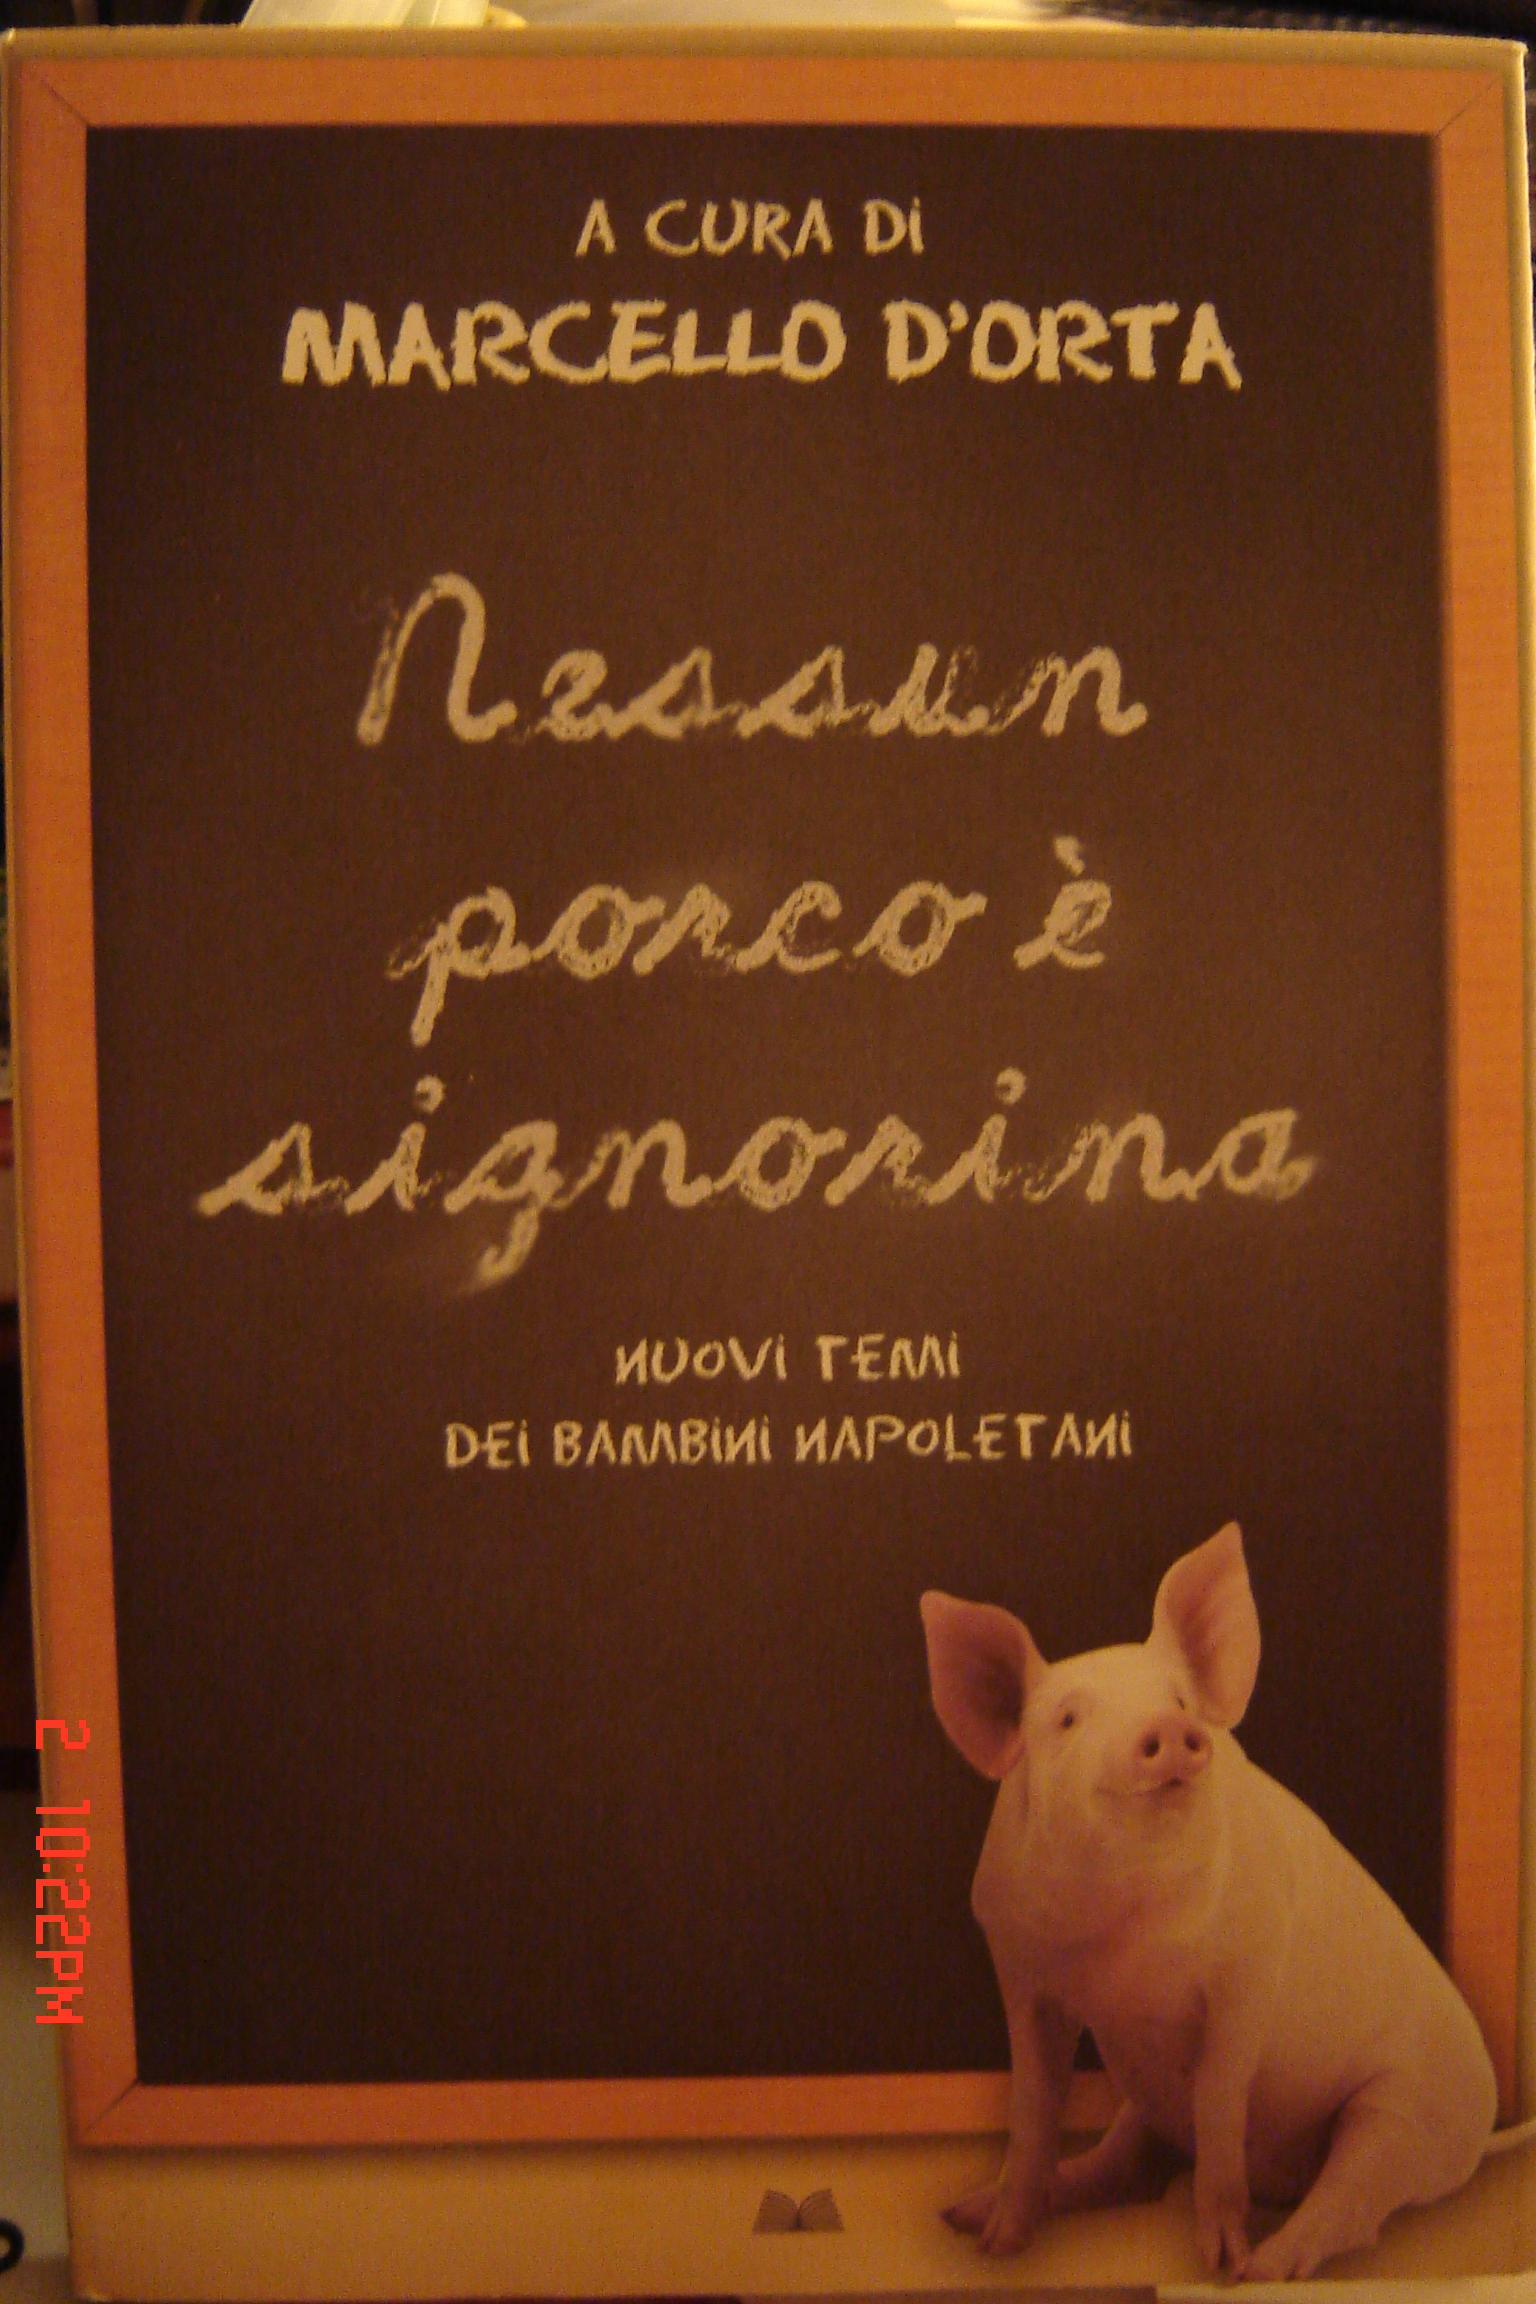 Nessun porco è sign...